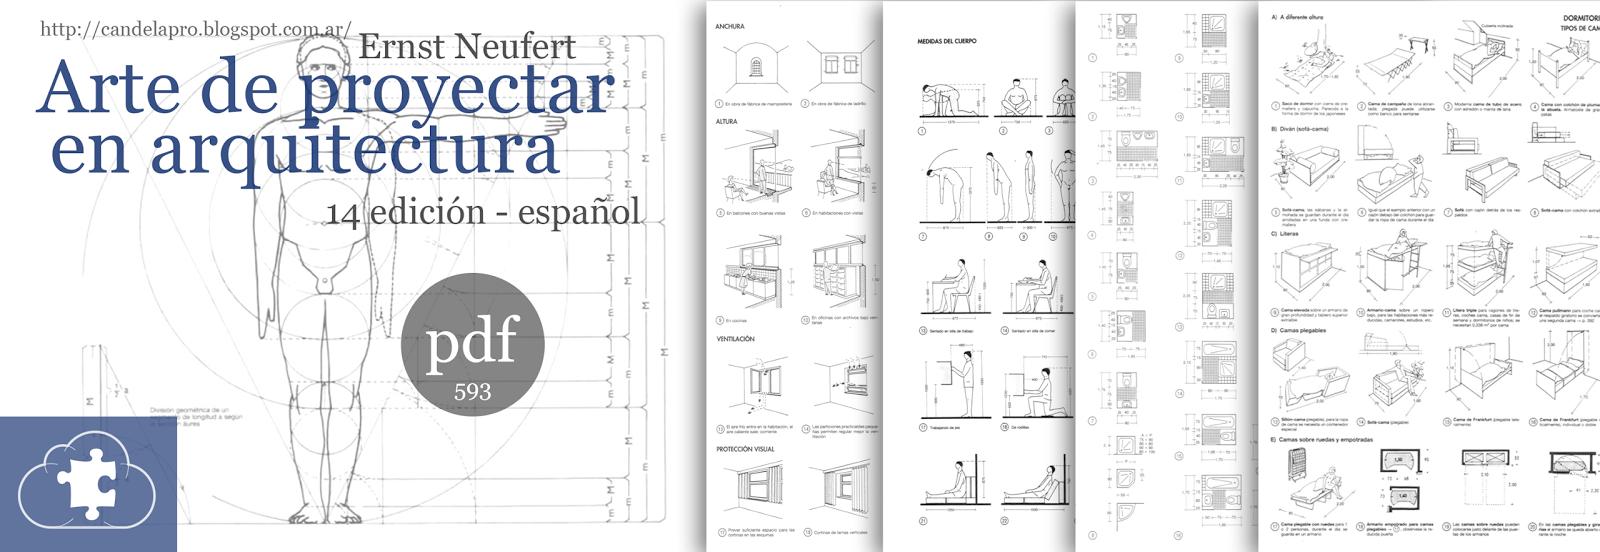 Candela Pro Neufert Arte De Proyectar En Arquitectura